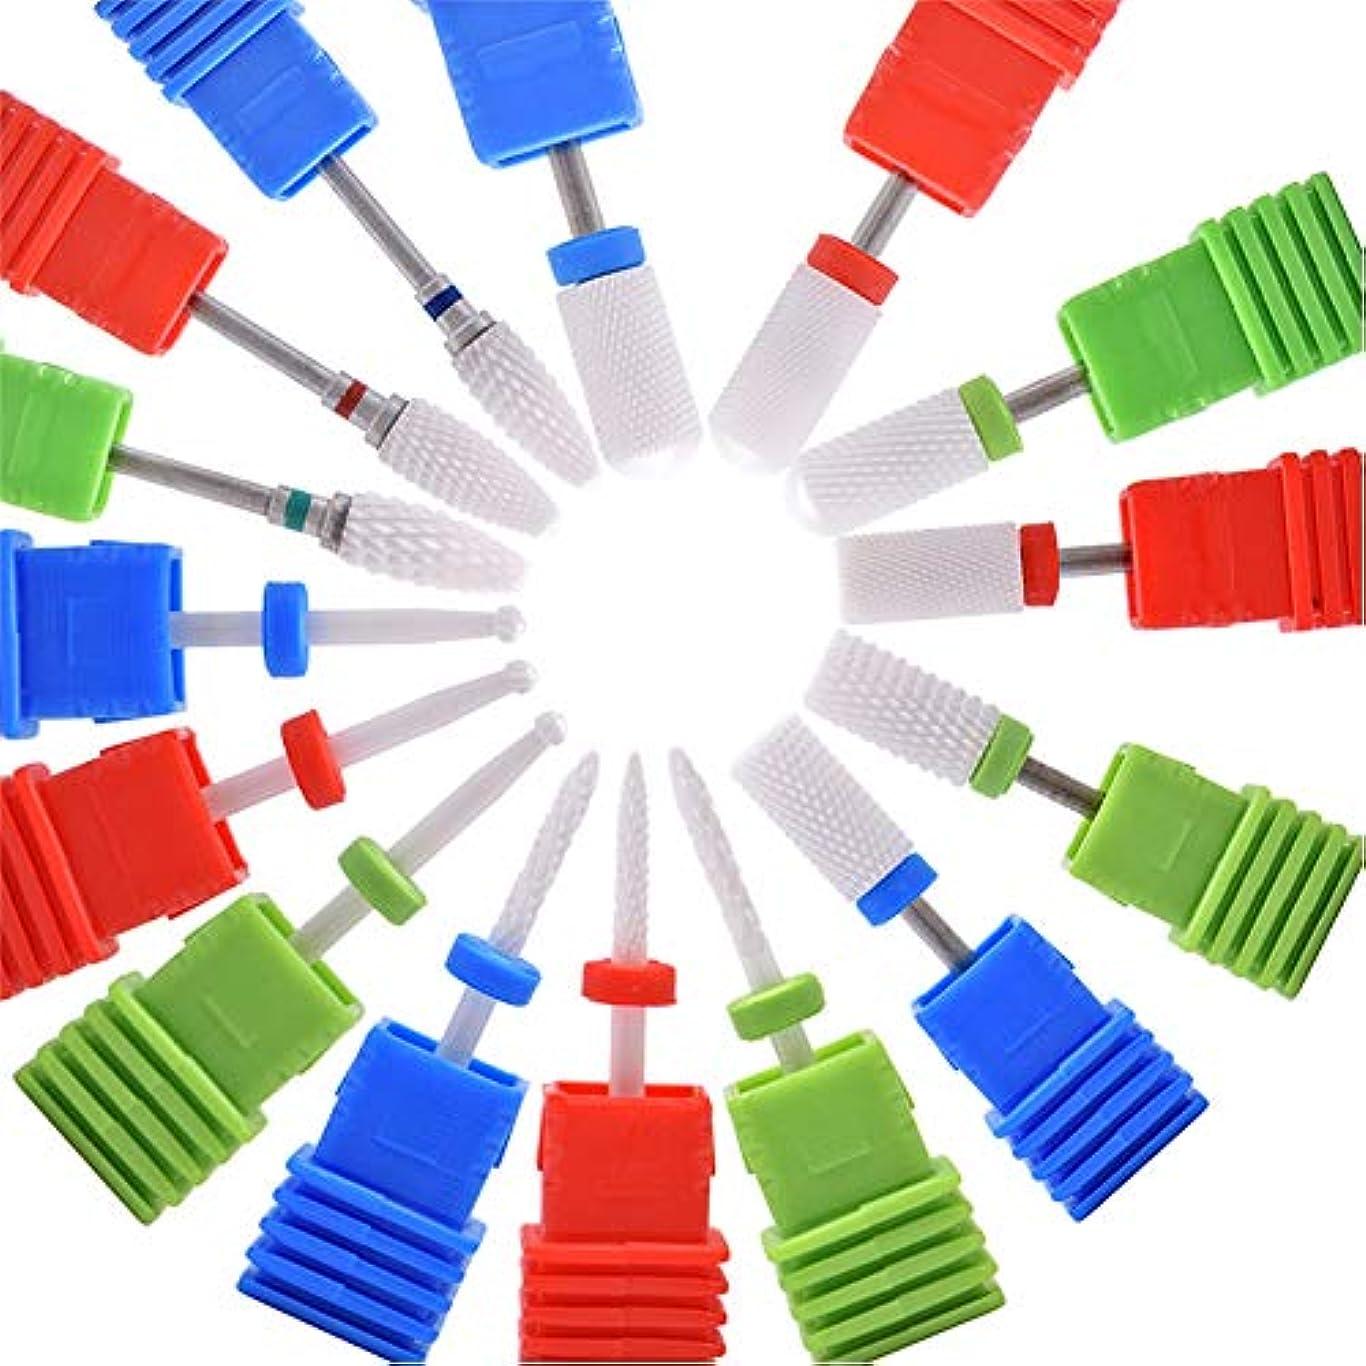 数字腐食する不機嫌Oral Dentistry ネイルアート ドリルビット 研削ヘッド 研磨ヘッド ネイル グラインド ヘッド 爪 磨き 研磨 研削 セラミック 全3色 15種類